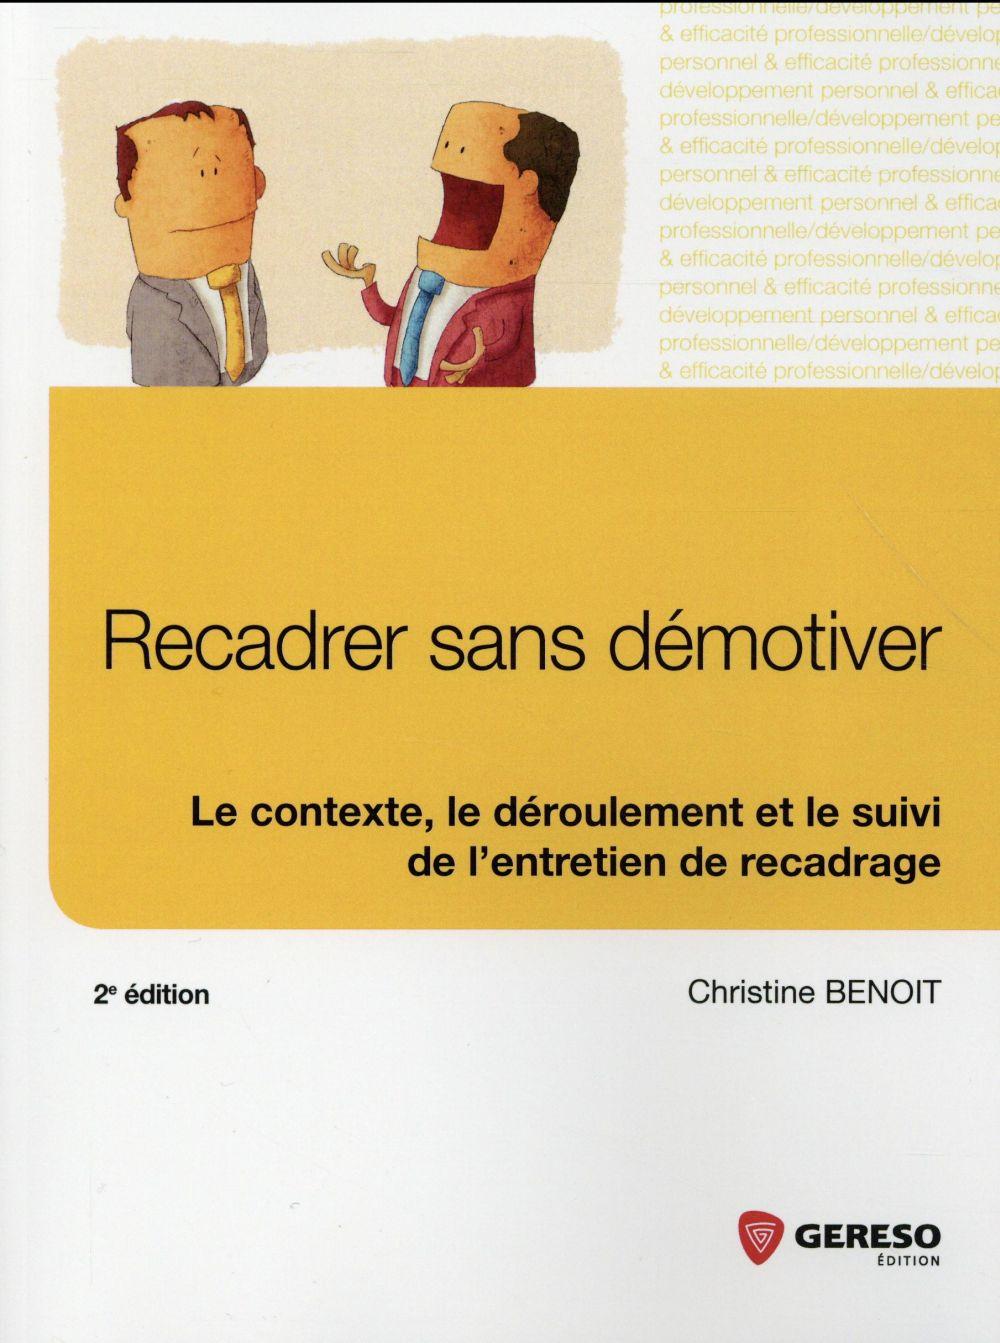 RECADRER SANS DEMOTIVER  LE CONTEXTE  LE DEROULEMENT ET LE SUIVI DE L ENTRETIEN - LE CONTEXTE, LE D